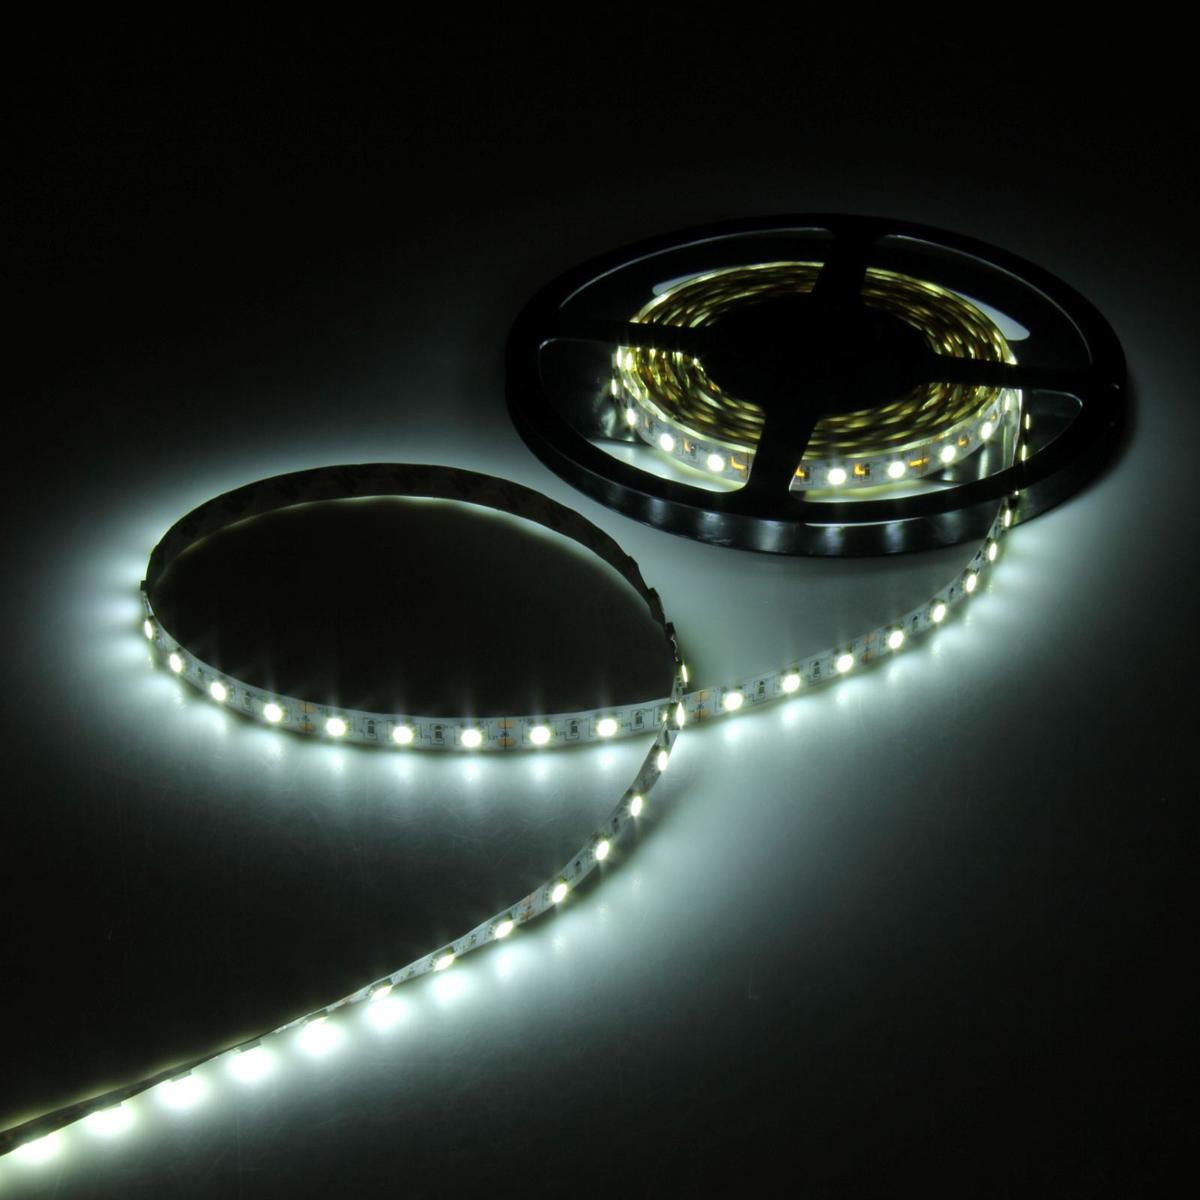 Светодиодная лента Luazon, 12В, SMD5050, длина 5 м, IP33, 60 LED ламп, 14.4 Вт/м, 14-16 Лм/1 LED, DC, цвет: белый883943Светодиодные гирлянды, ленты и т.д — это отличный вариант для новогоднего оформления интерьера или фасада. С их помощью помещение любого размера можно превратить в праздничный зал, а внешние элементы зданий, украшенные ими, мгновенно станут напоминать очертания сказочного дворца. Такие украшения создают ауру предвкушения чуда. Деревья, фасады, витрины, окна и арки будто специально созданы, чтобы вы украсили их светящимися нитями.